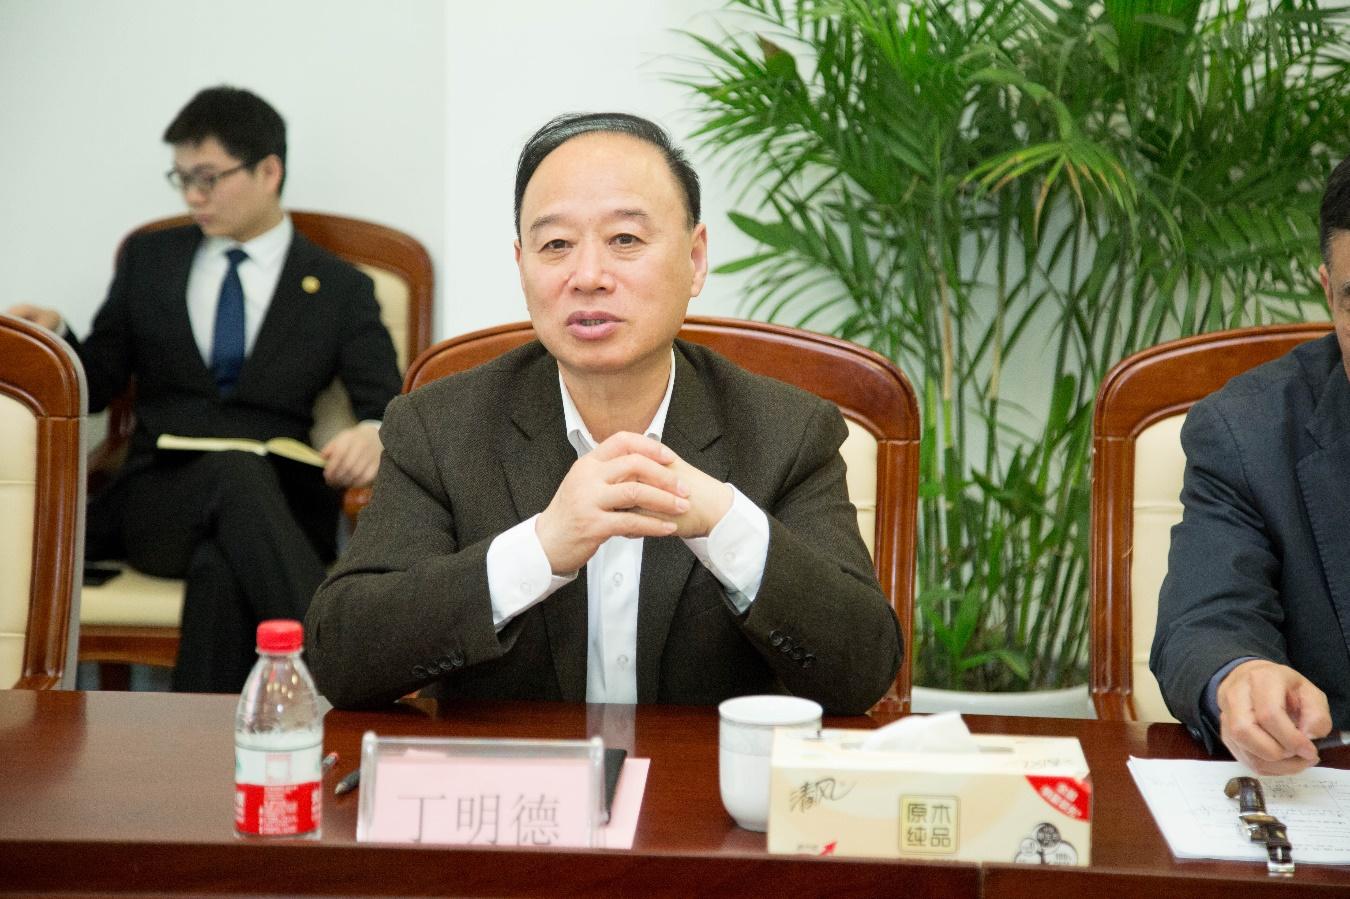 中国石油和化学工业联合会化工园区工作委员会秘书长 杨挺一行莅临国烨